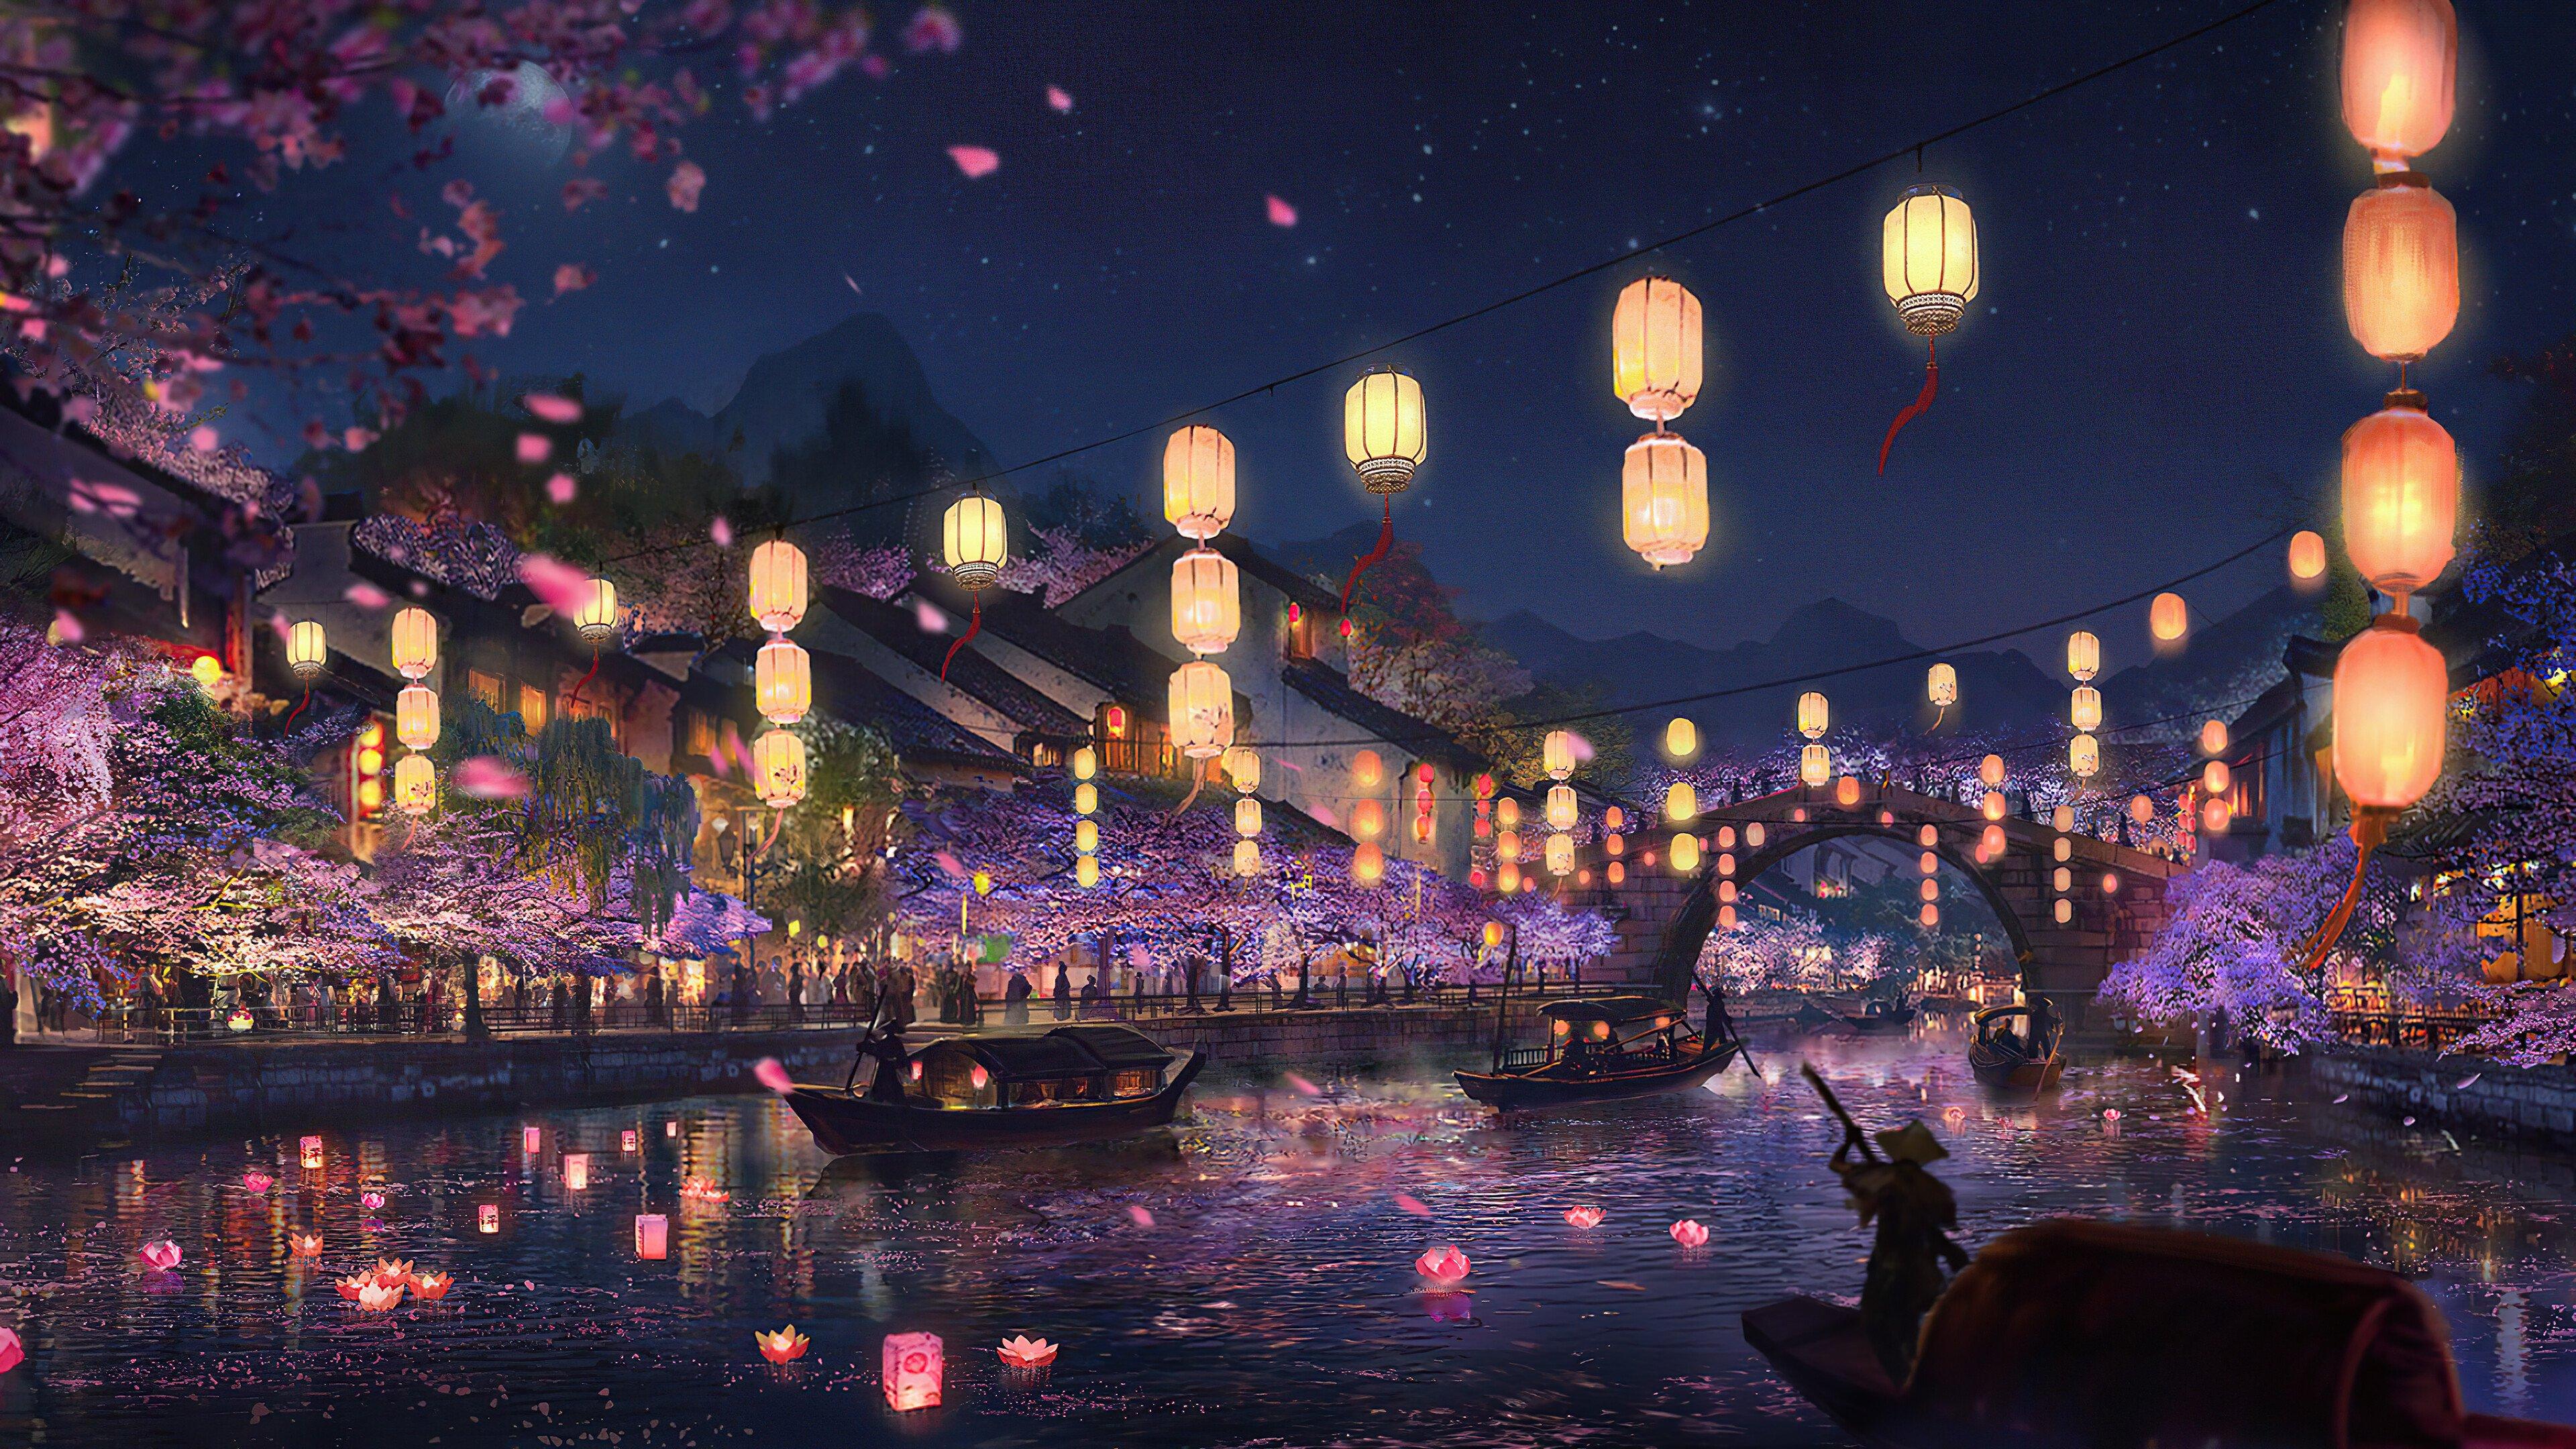 Wallpaper Light Festival at river Digital Art